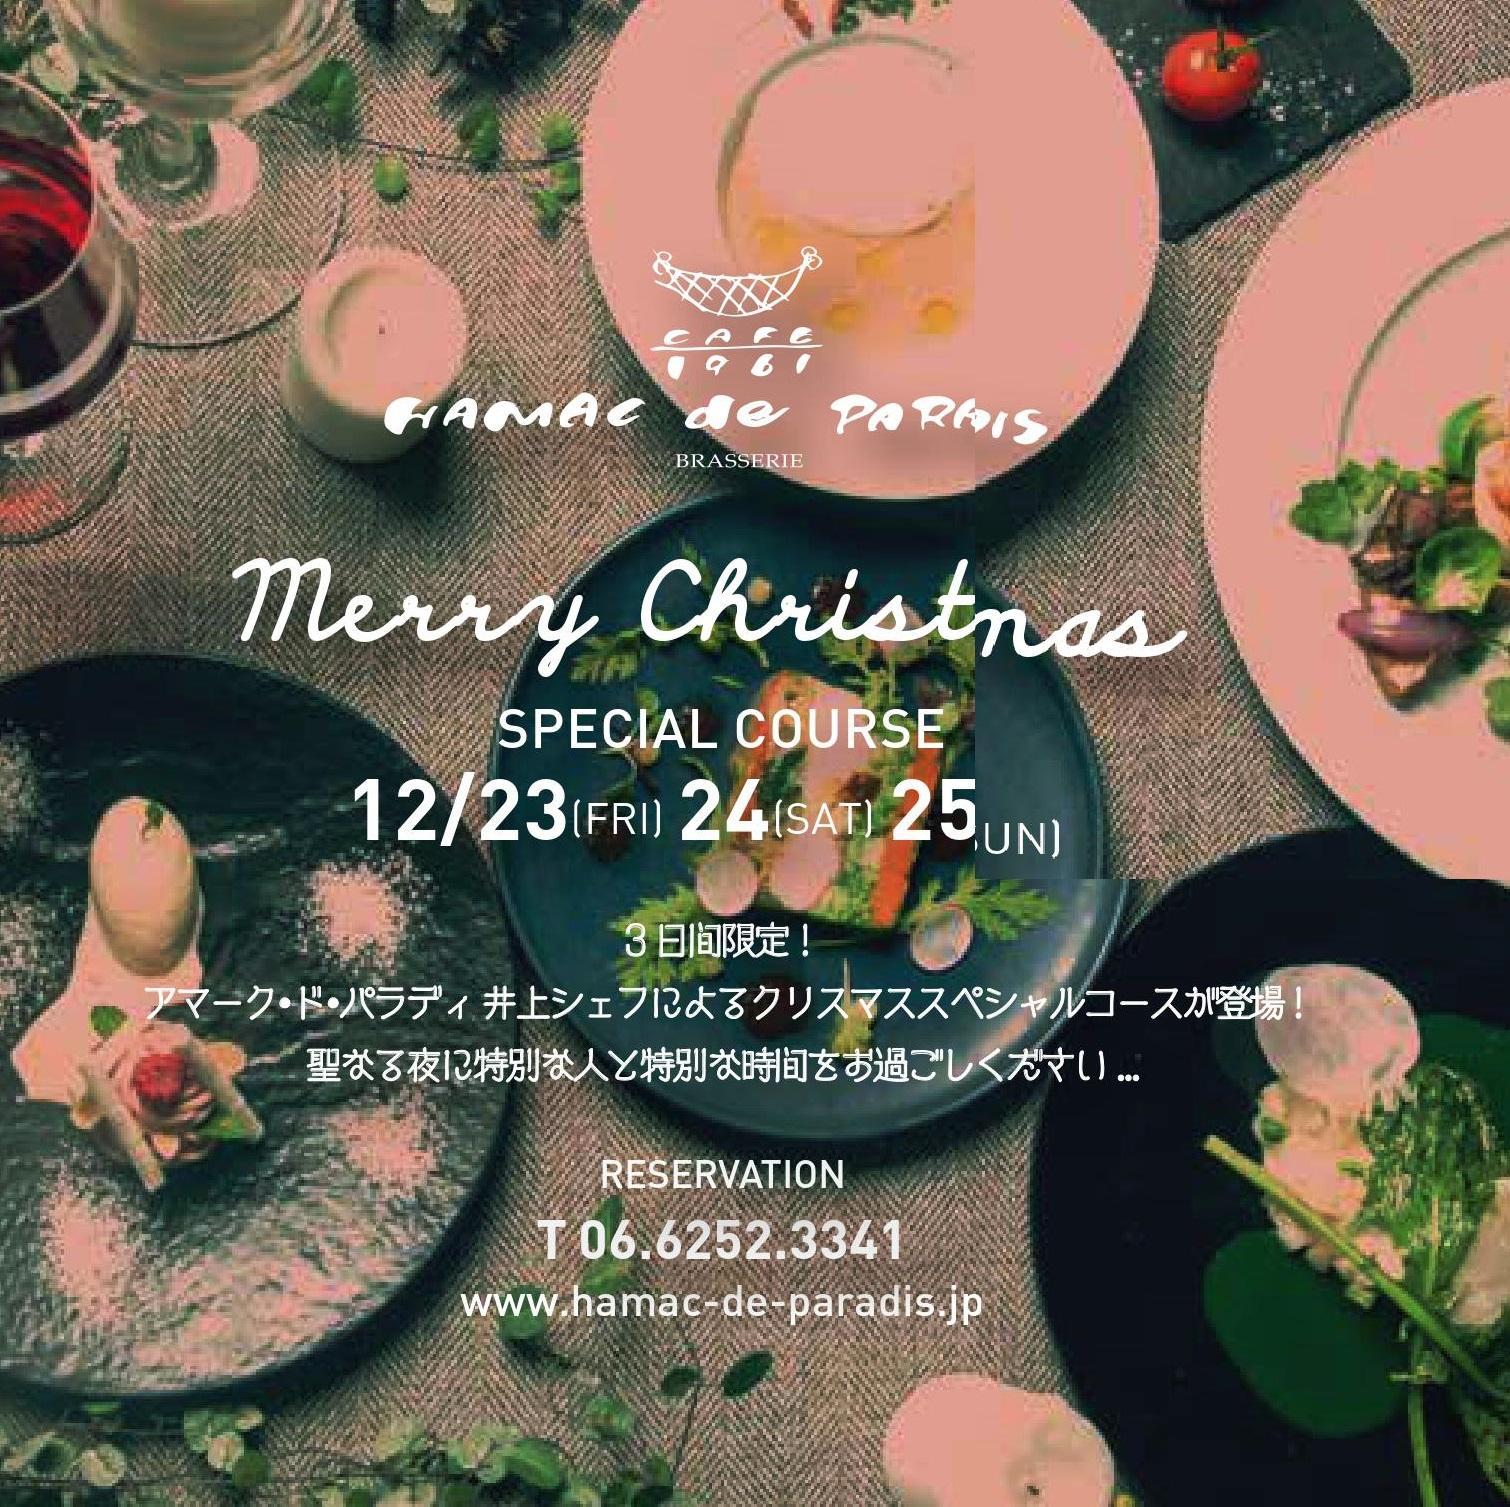 アマーク・ド・パラディ井上シェフによるクリスマススペシャルコースが登場!